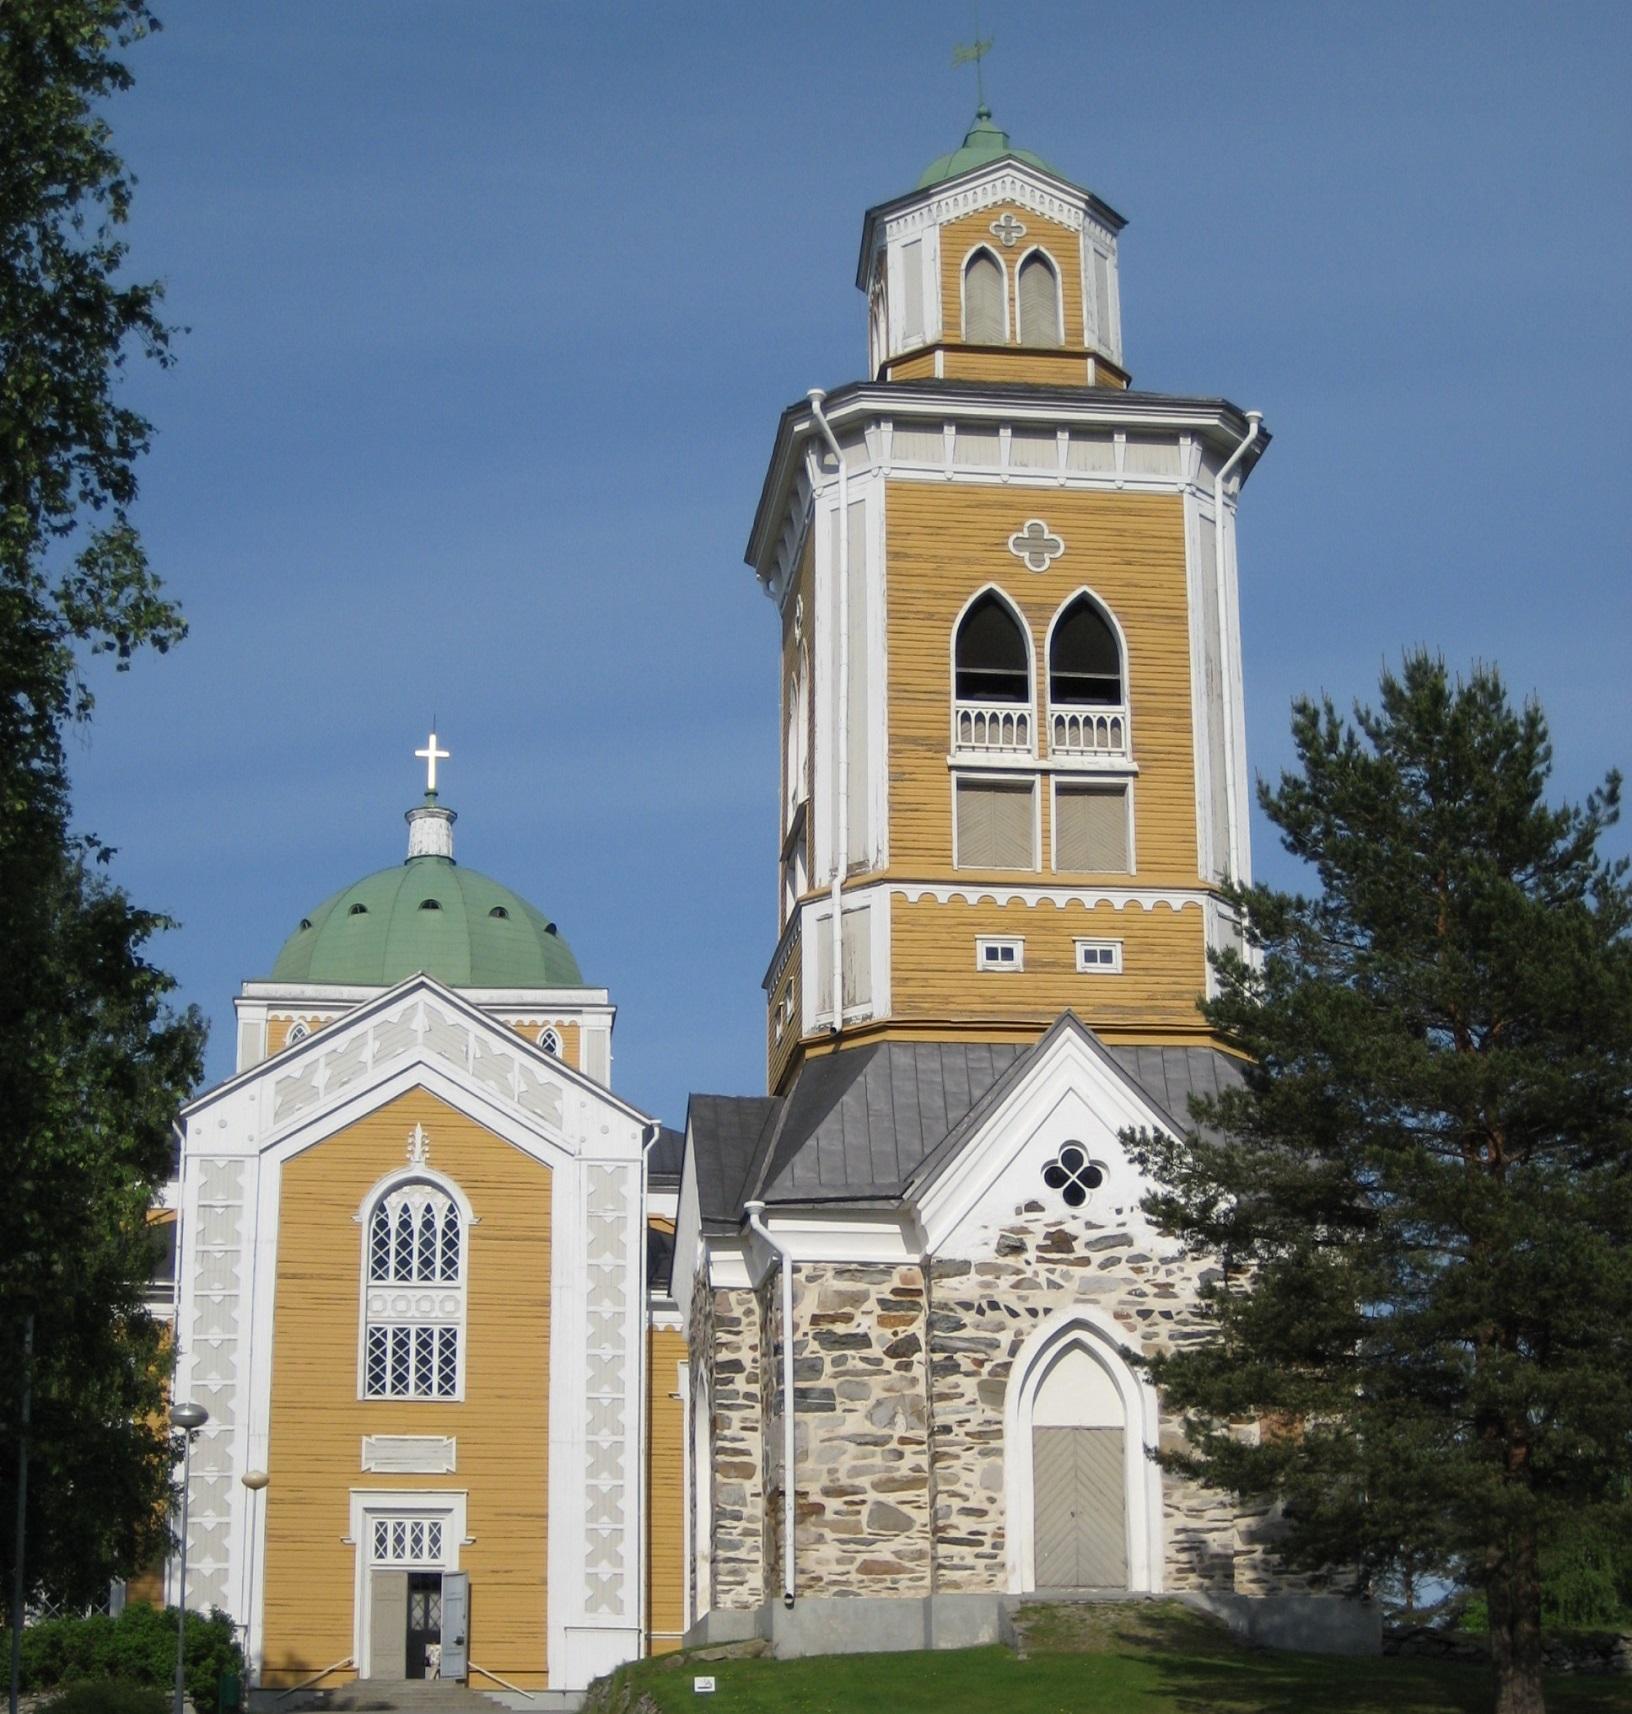 Die Kirche von Kerimäki